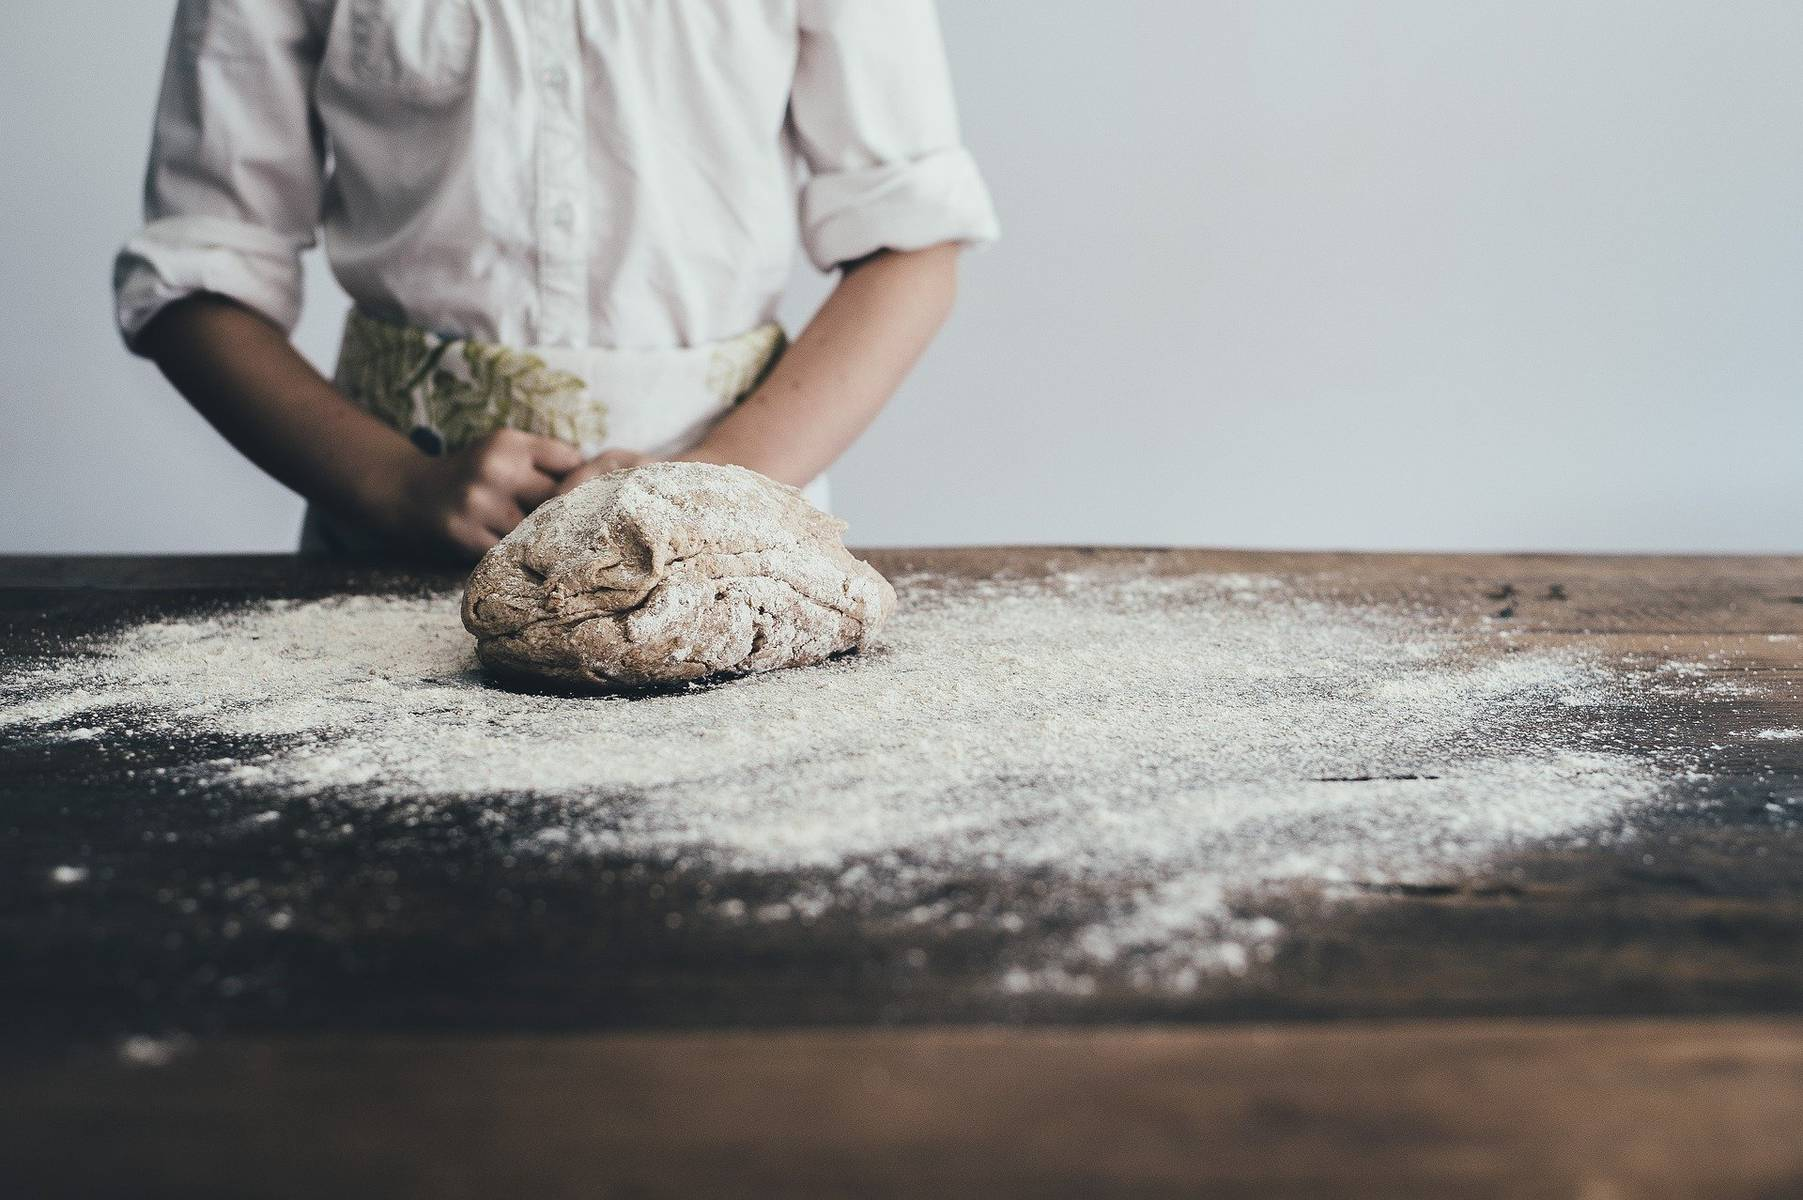 bakery-1868396_1920 (1).jpg